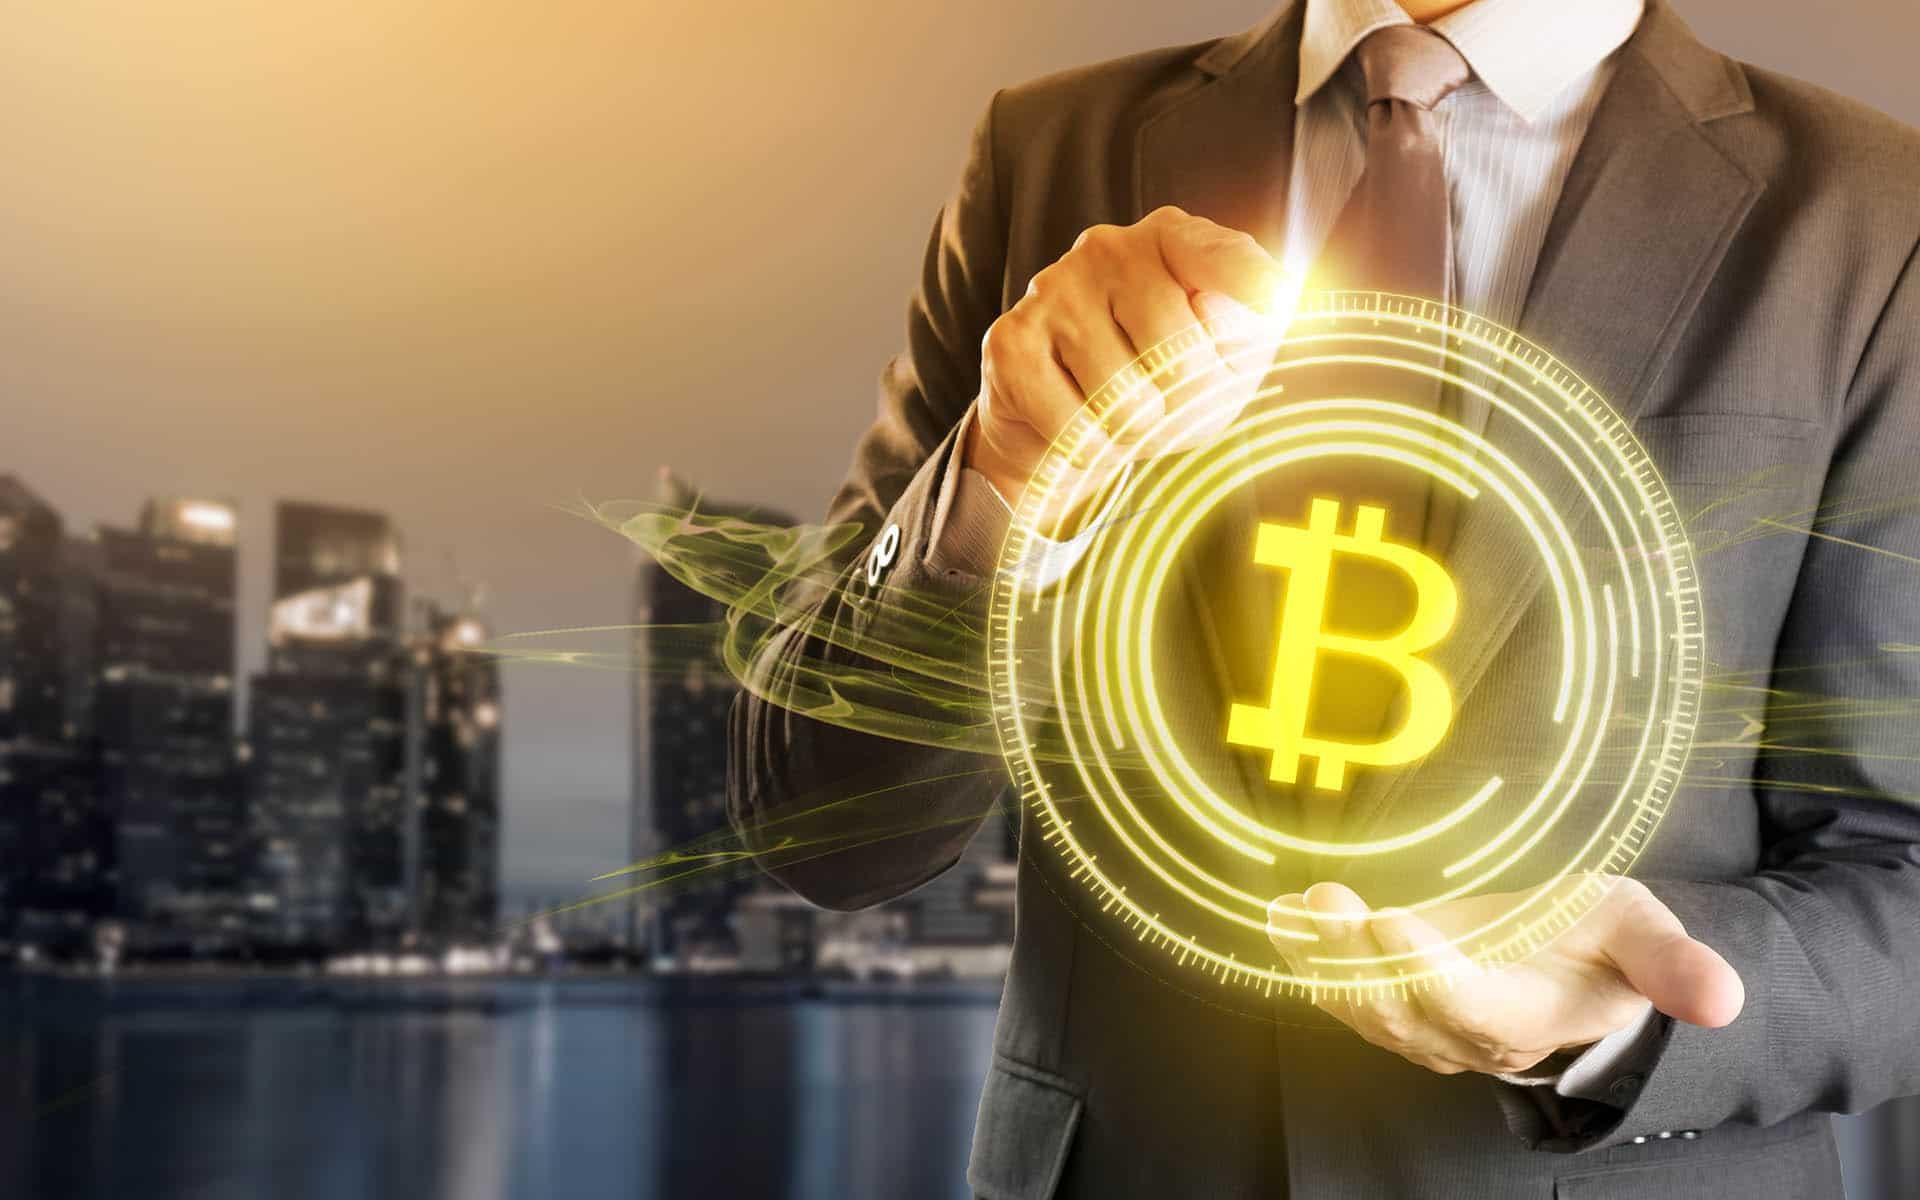 ดูไบเตรียมเปิดตัวกองทุน Bitcoin ตัวแรกของตะวันออกกลาง